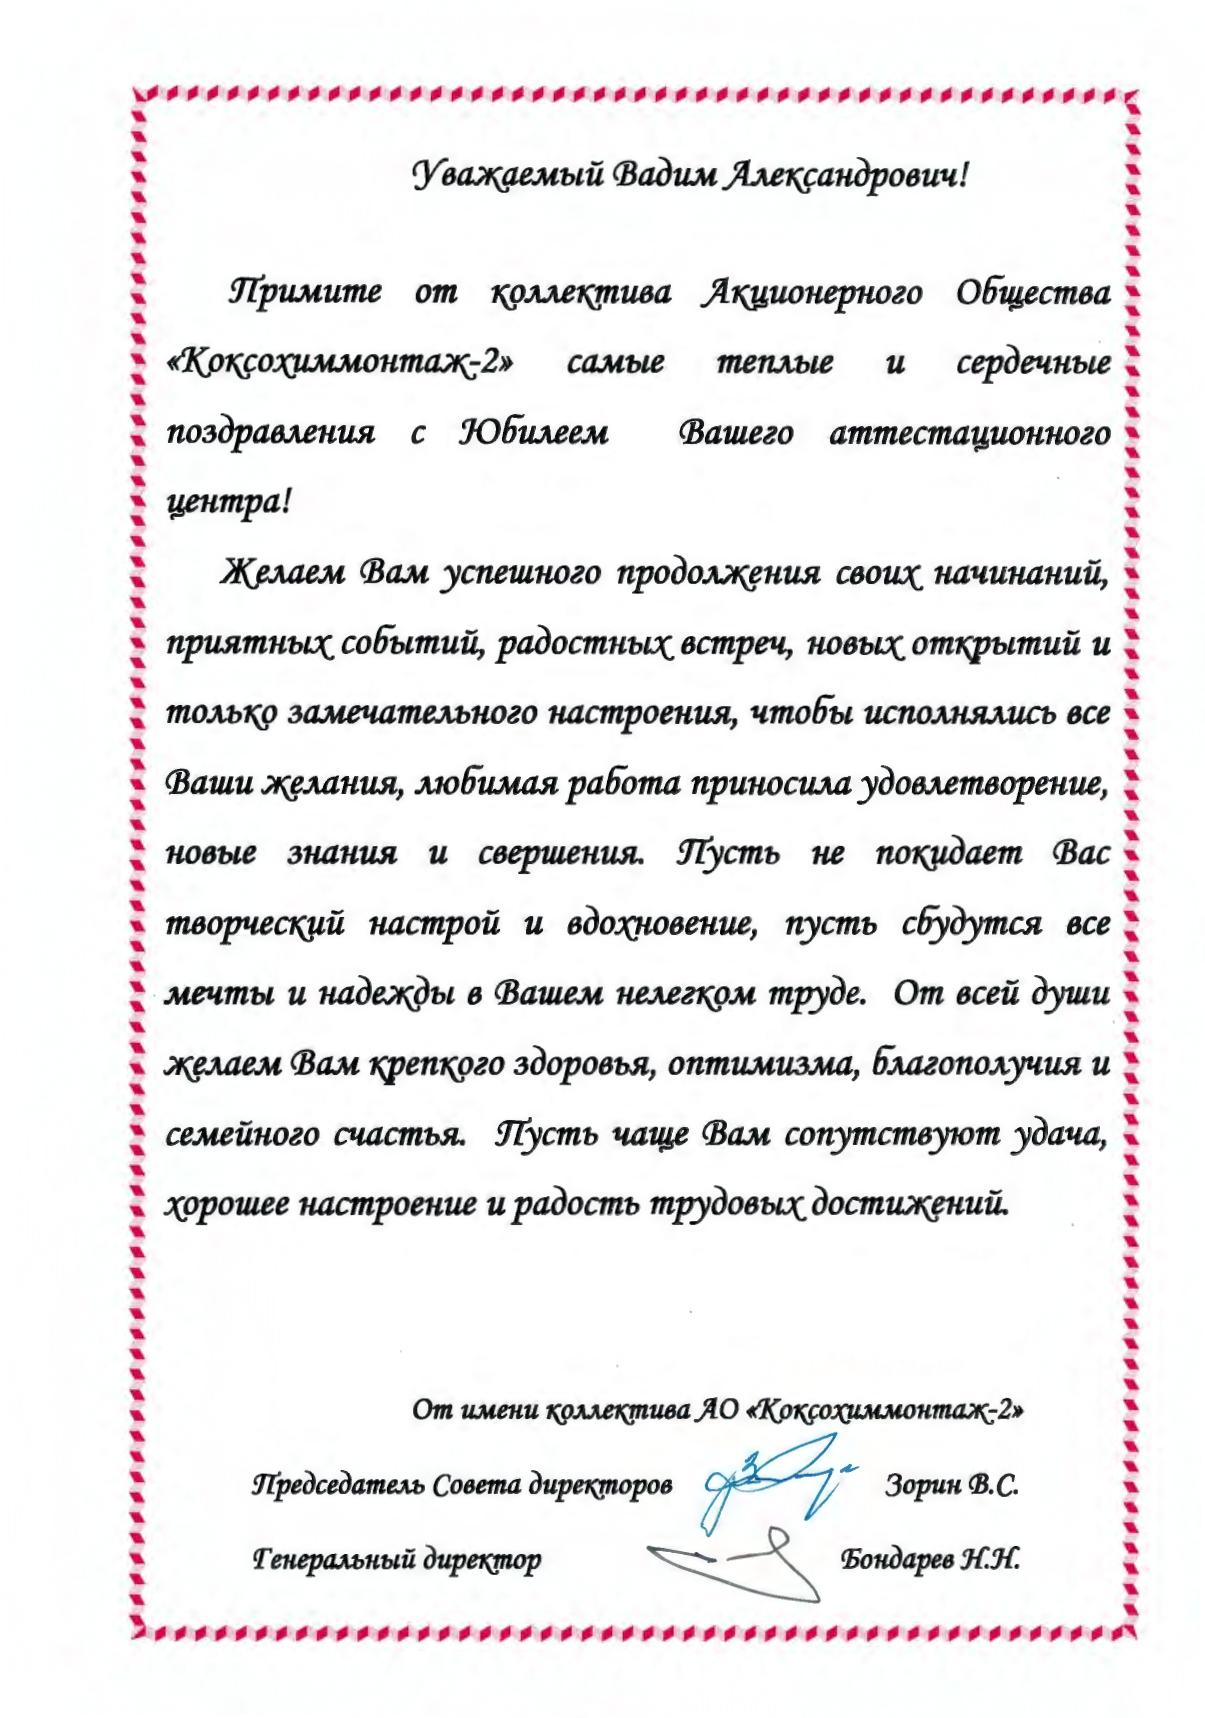 6 Поздравление от КХМ-2_page-0001